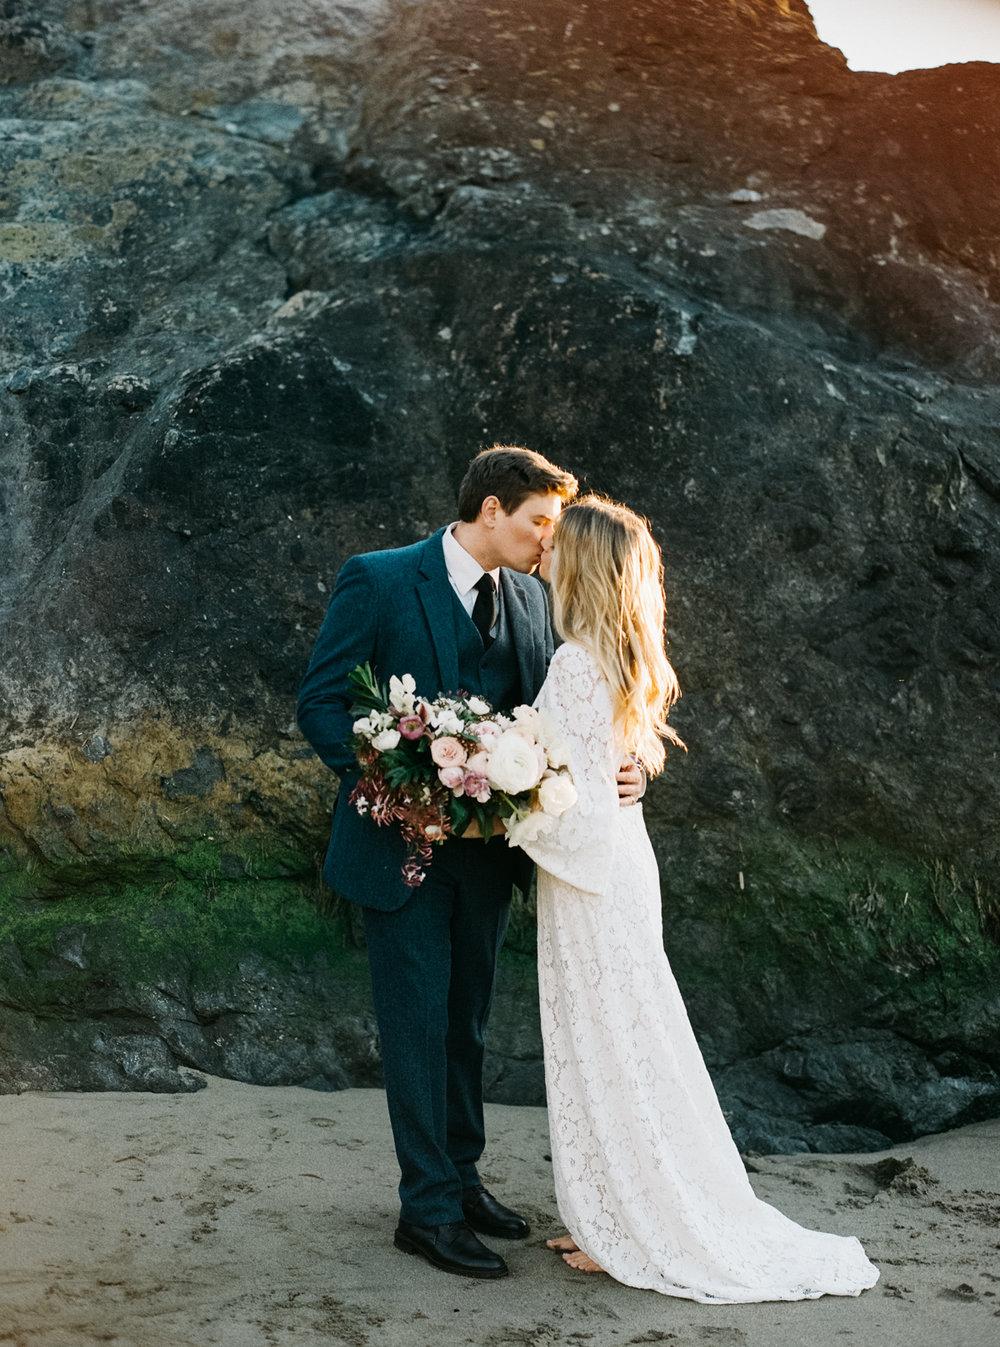 bay area wedding venues-6.jpg